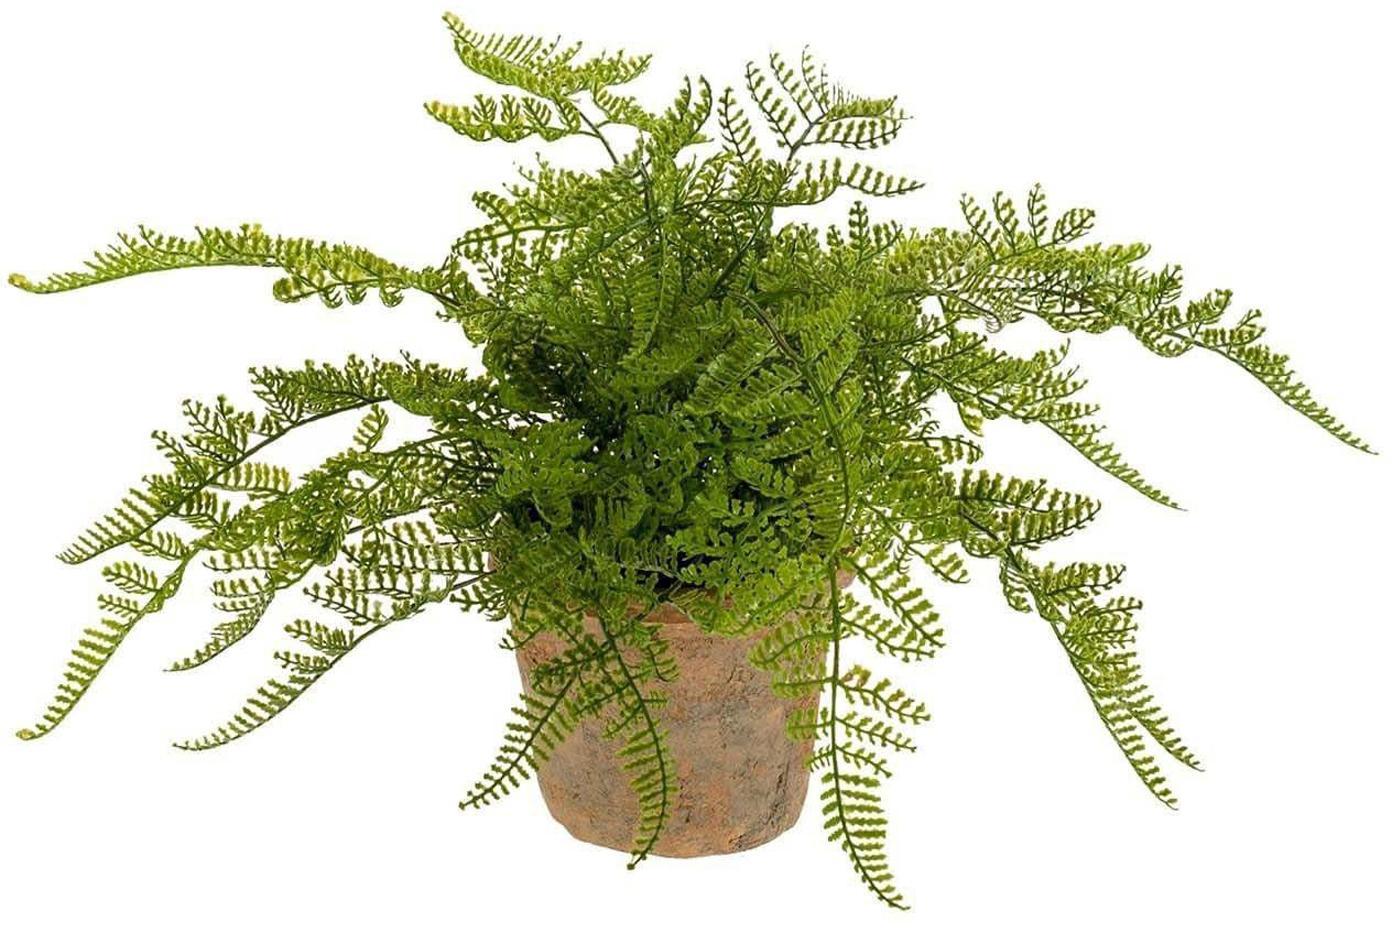 Planta artificial Helecho, Poliéster, Látex, Polipropileno, Alambre de metal, Verde, Ø 30 x Al 30 cm